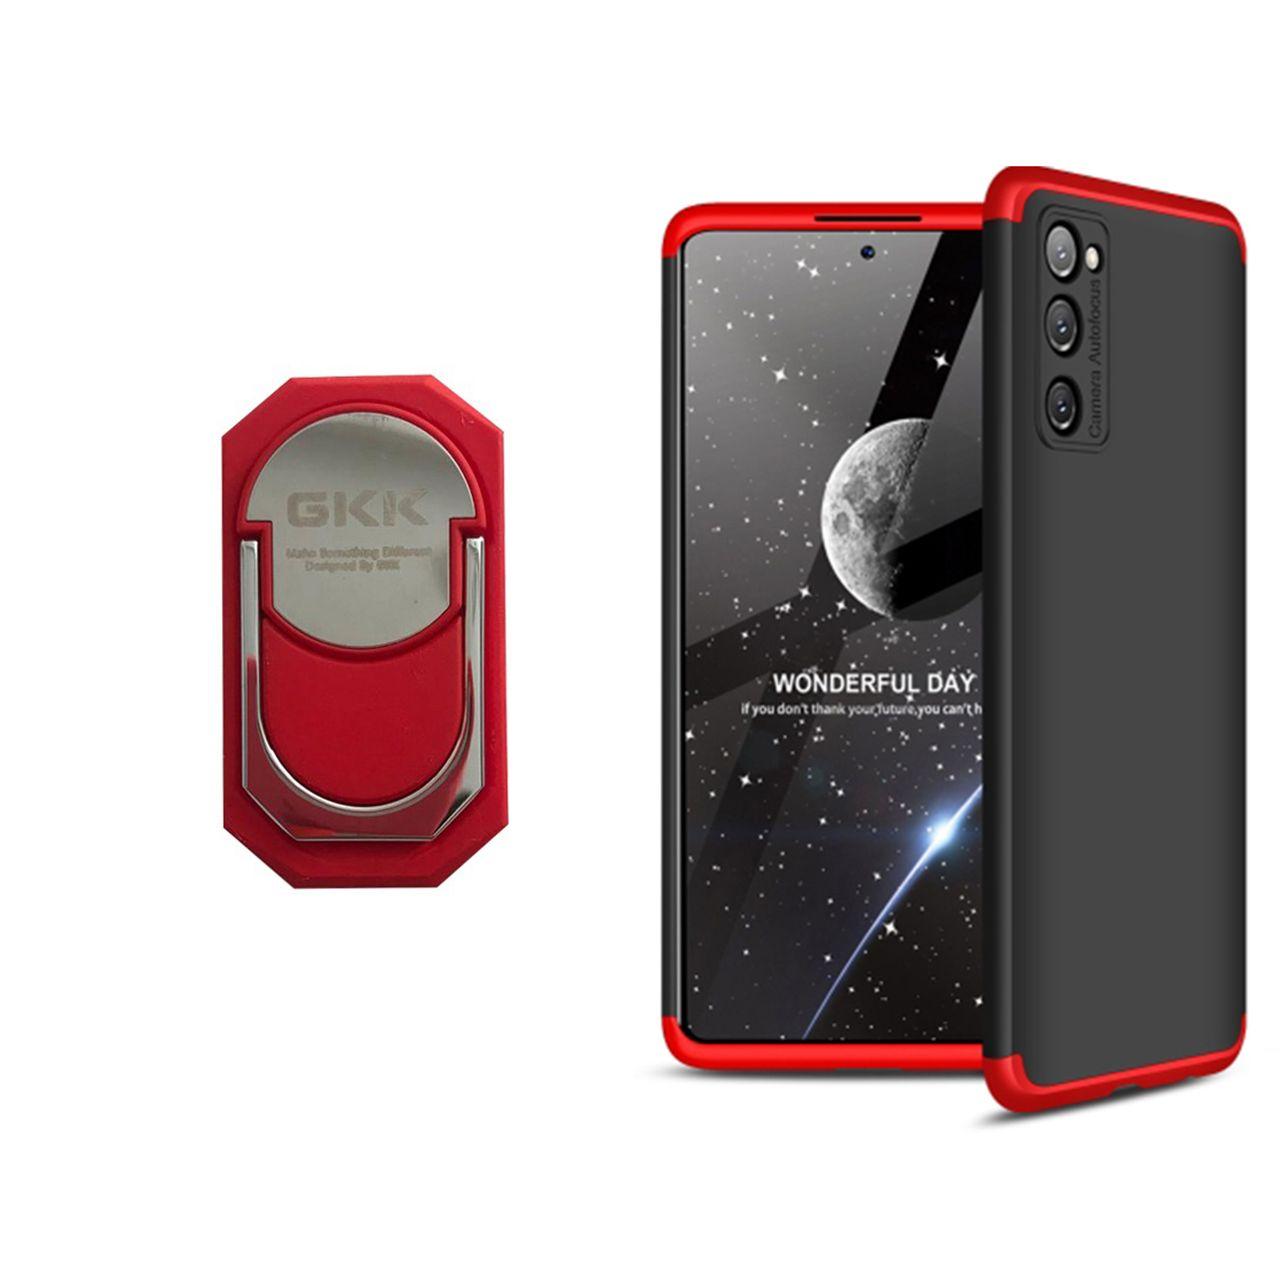 کاور 360 درجه آواتار مدل GK-HOLD-S20F مناسب برای گوشی موبایل سامسونگ GALAXY S20 FE به همراه پایه نگهدارنده